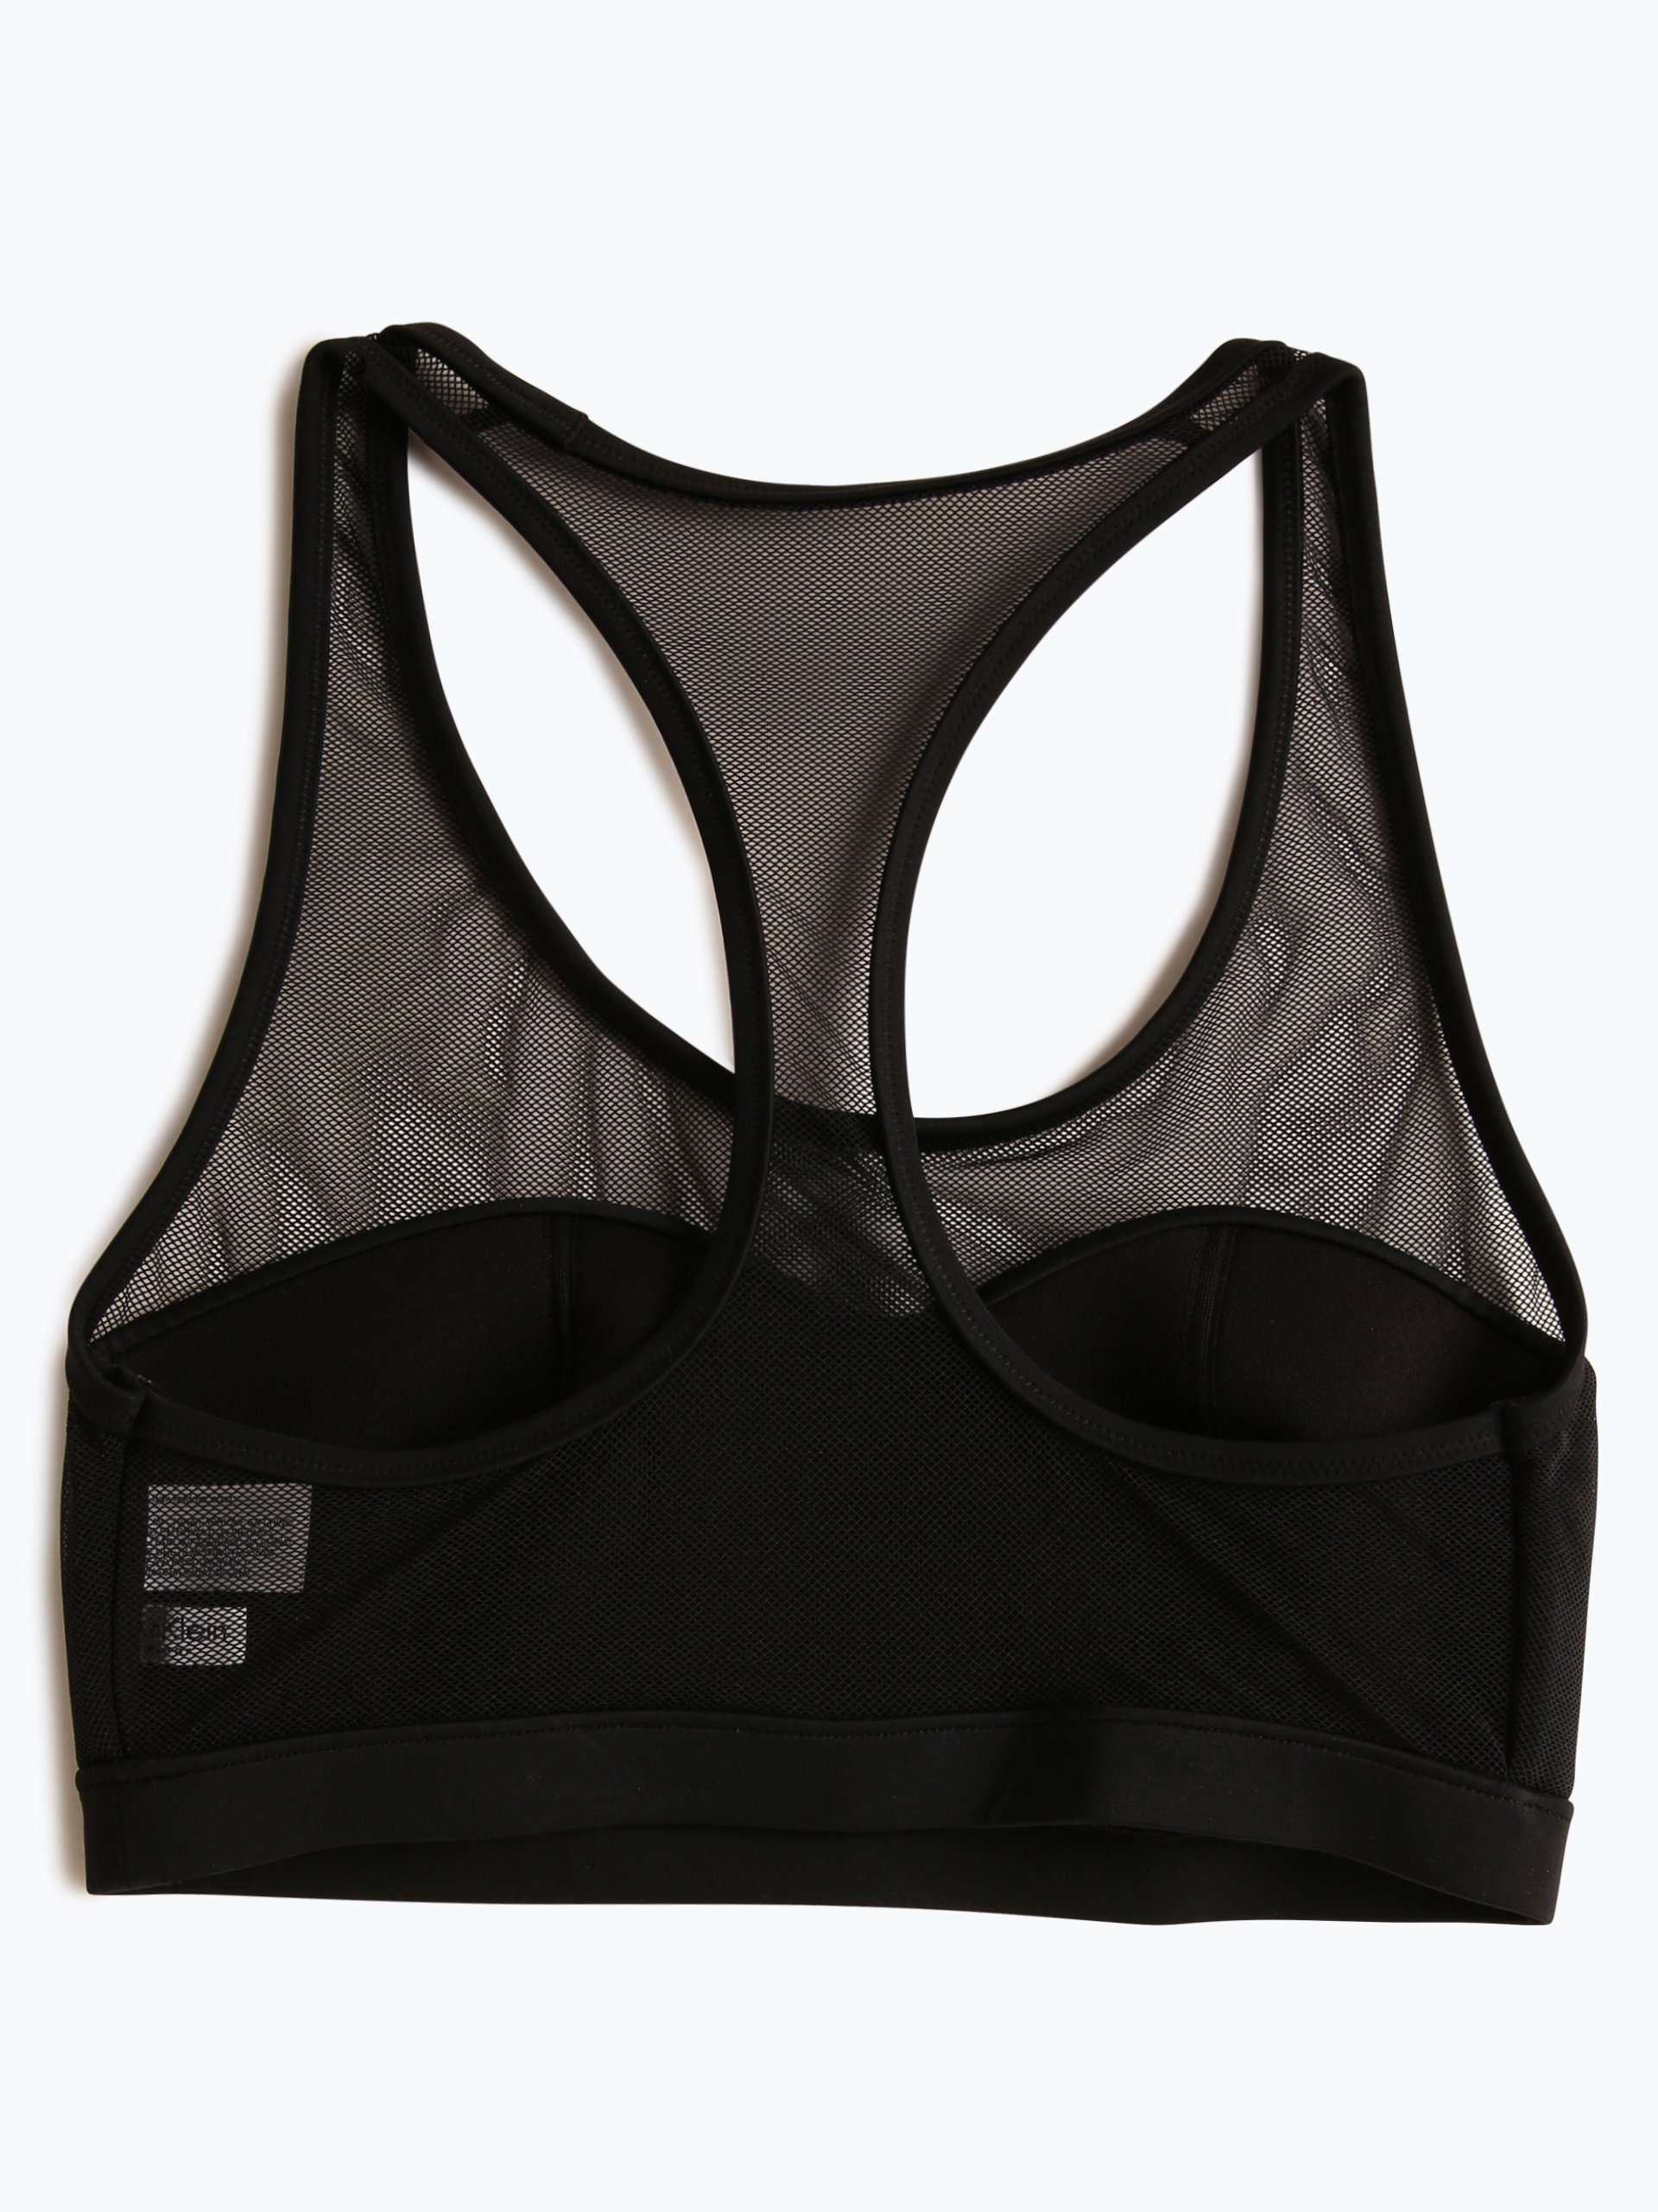 calvin klein damen bikini top schwarz gemustert online kaufen vangraaf com. Black Bedroom Furniture Sets. Home Design Ideas